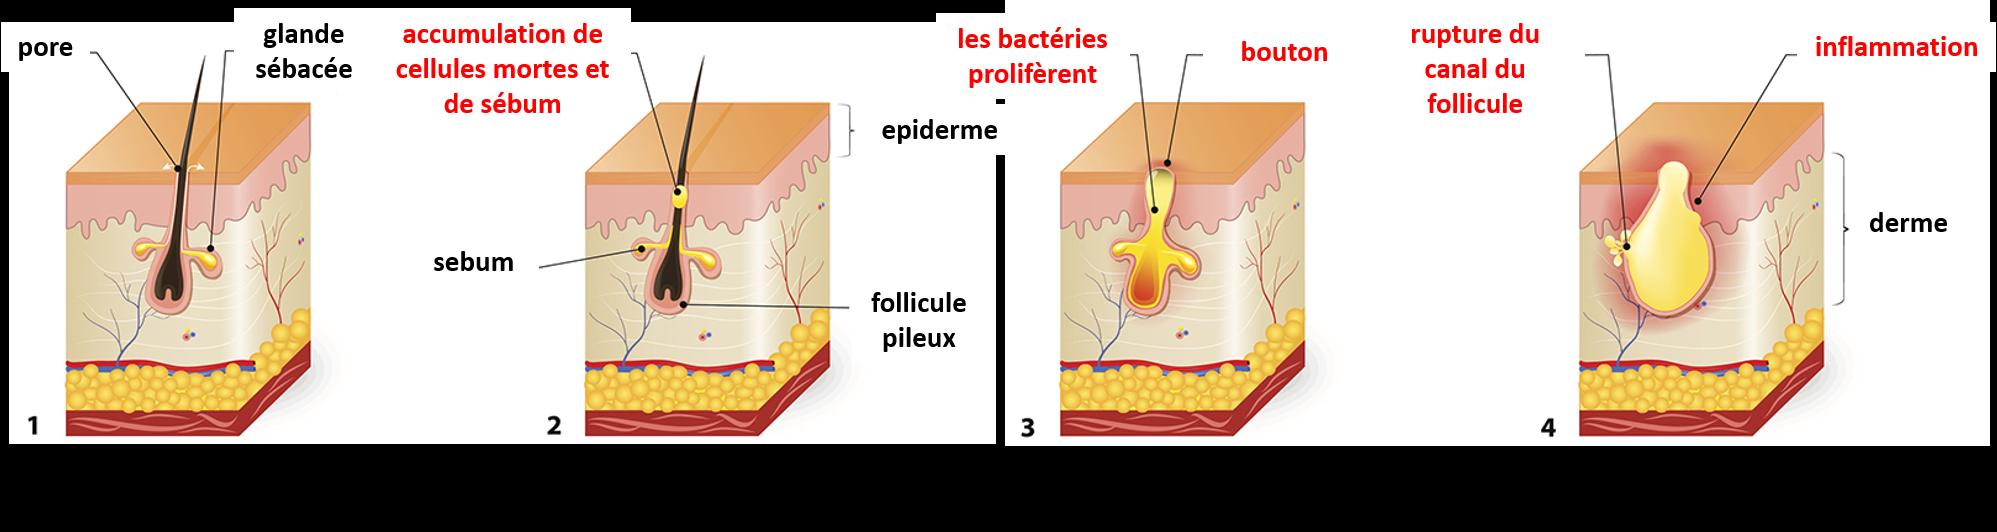 quatre schemas montrant le développement de l'acne